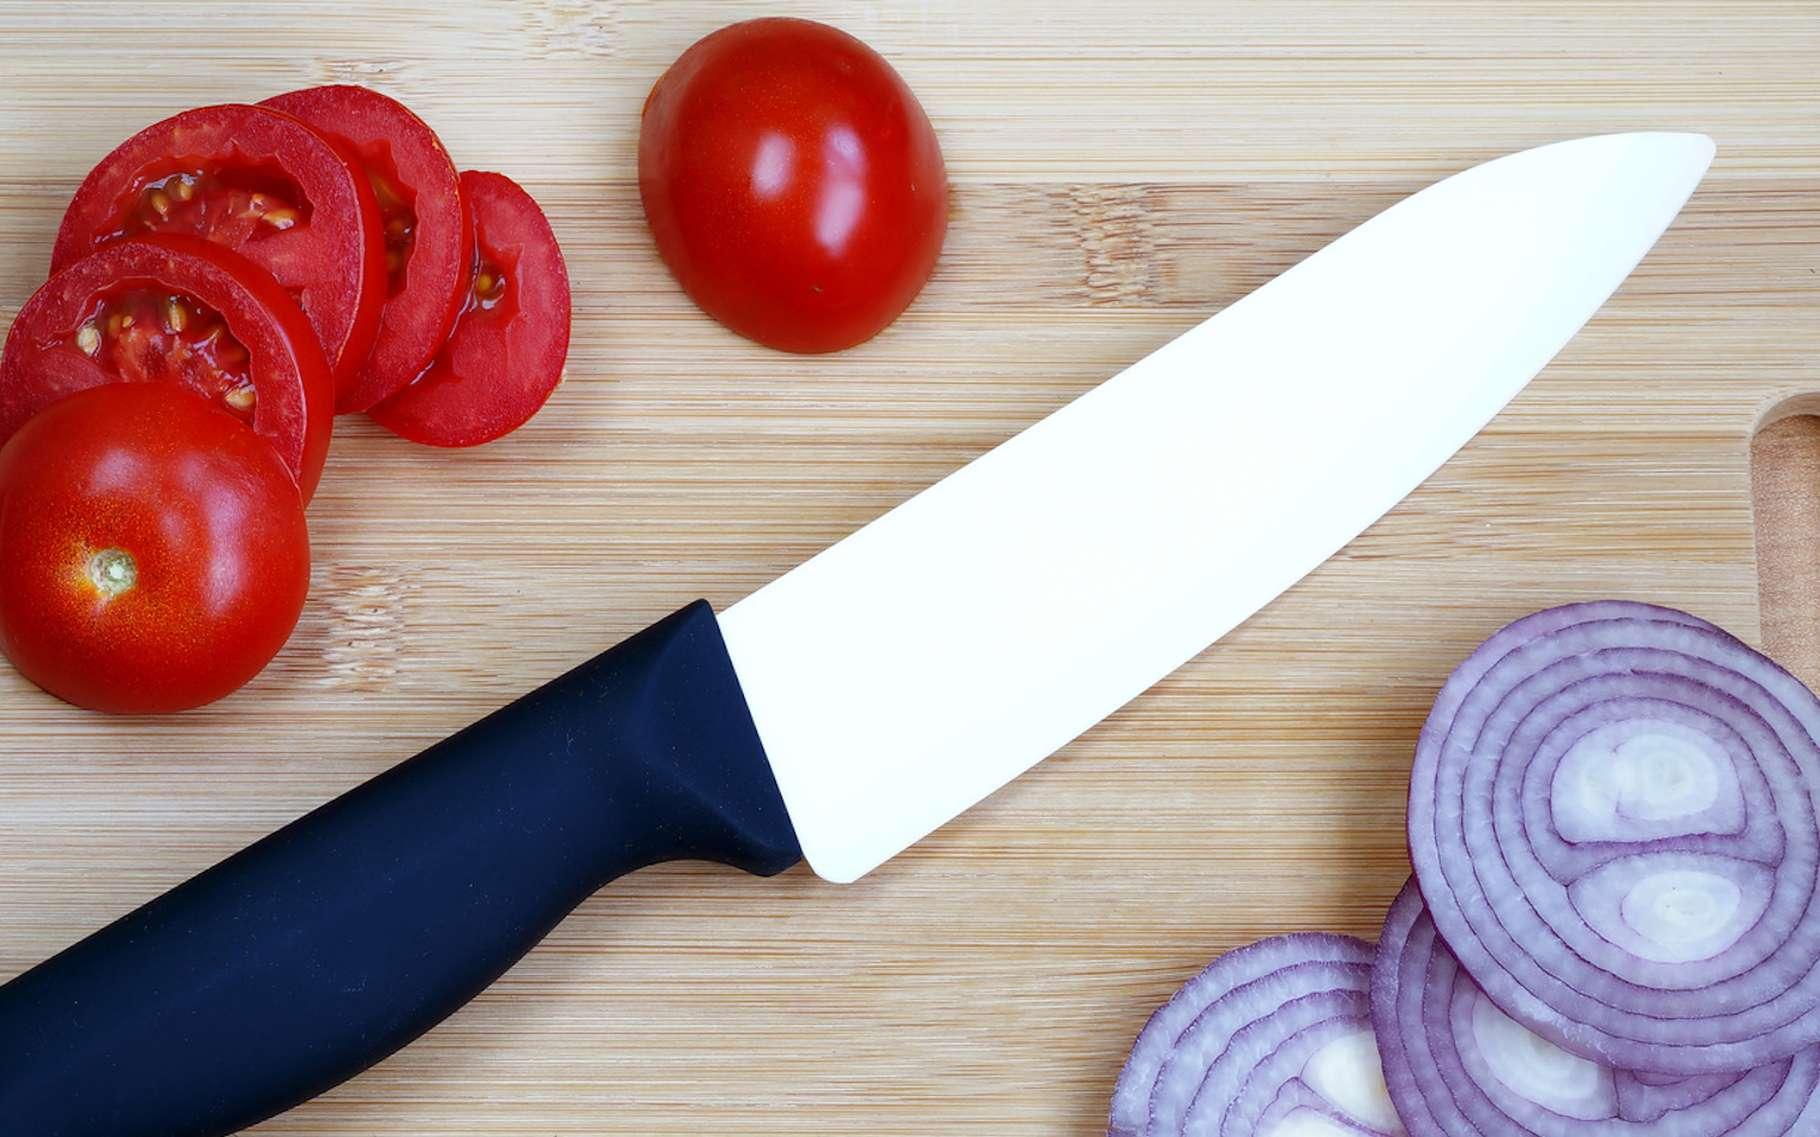 La zircone est une céramique qui peut être utilisée pour la fabrication de lames de couteaux. © vadimdem, Fotolia